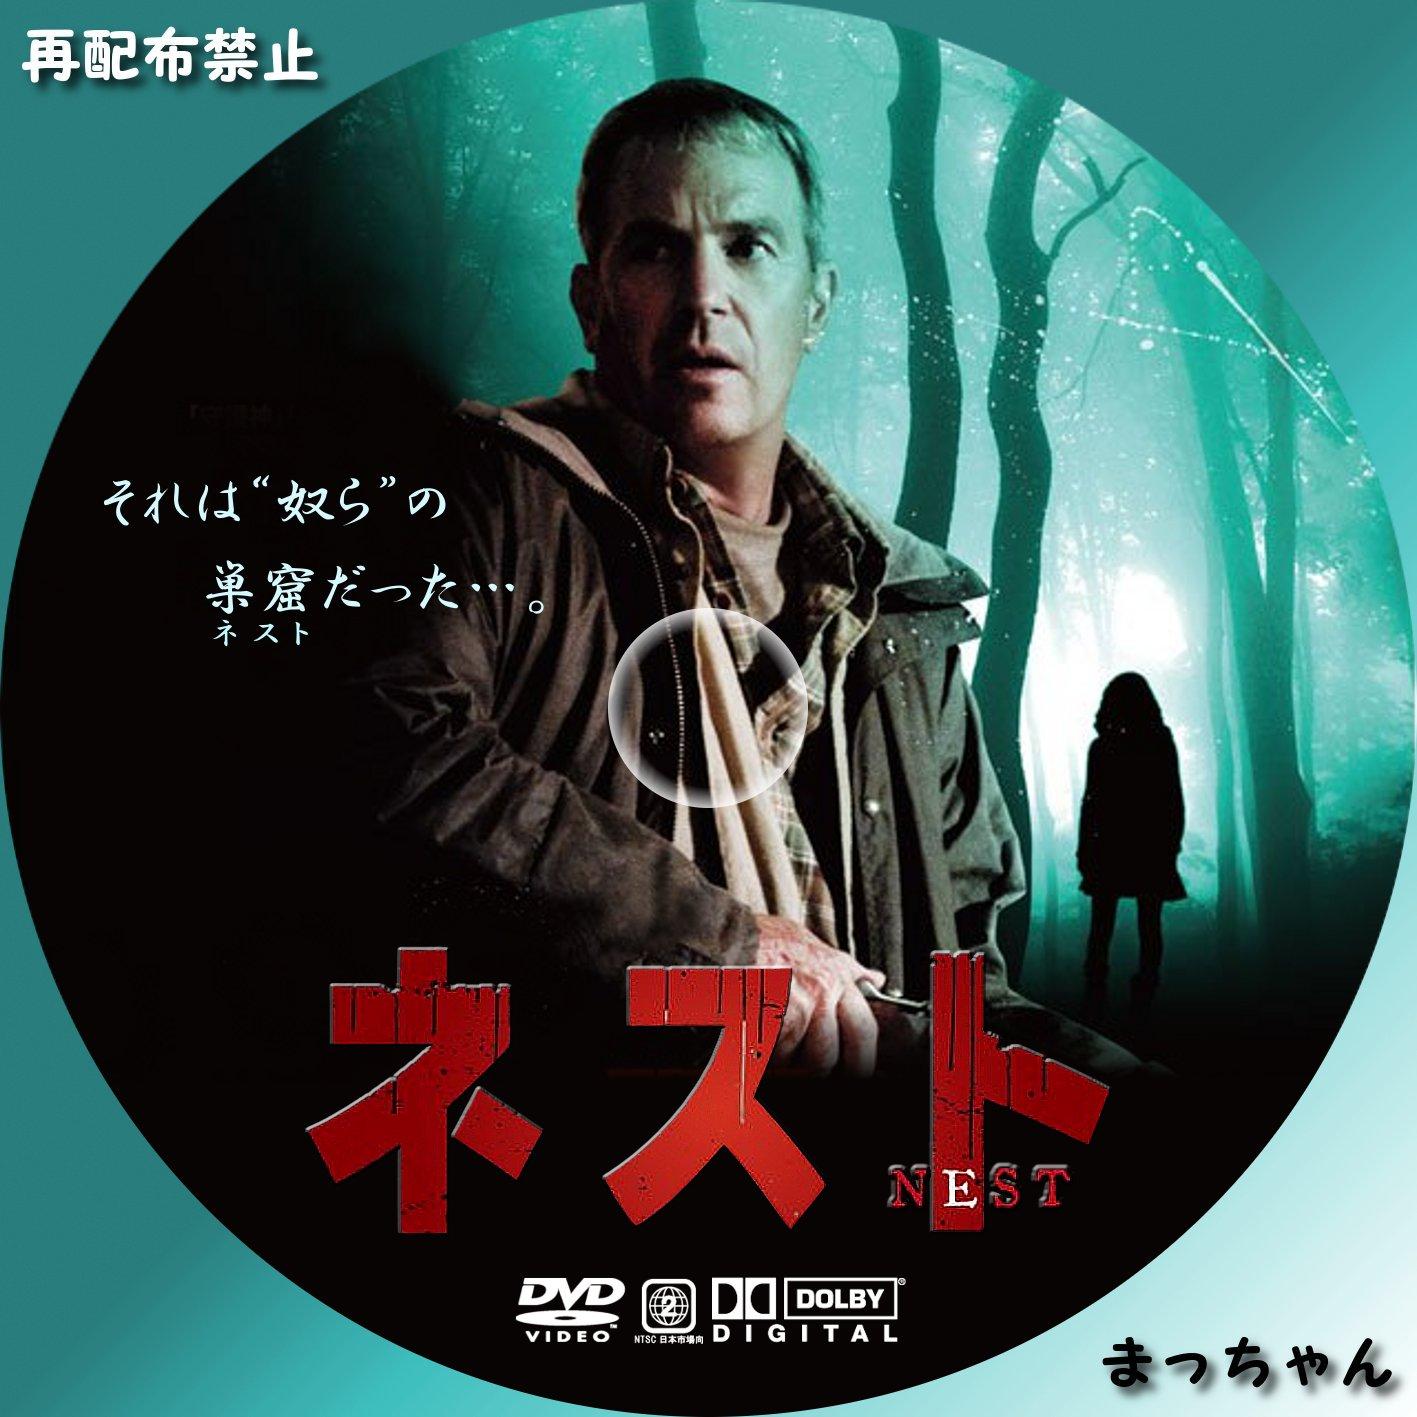 <b>ネスト</b> まっちゃんの☆自作DVDラベル